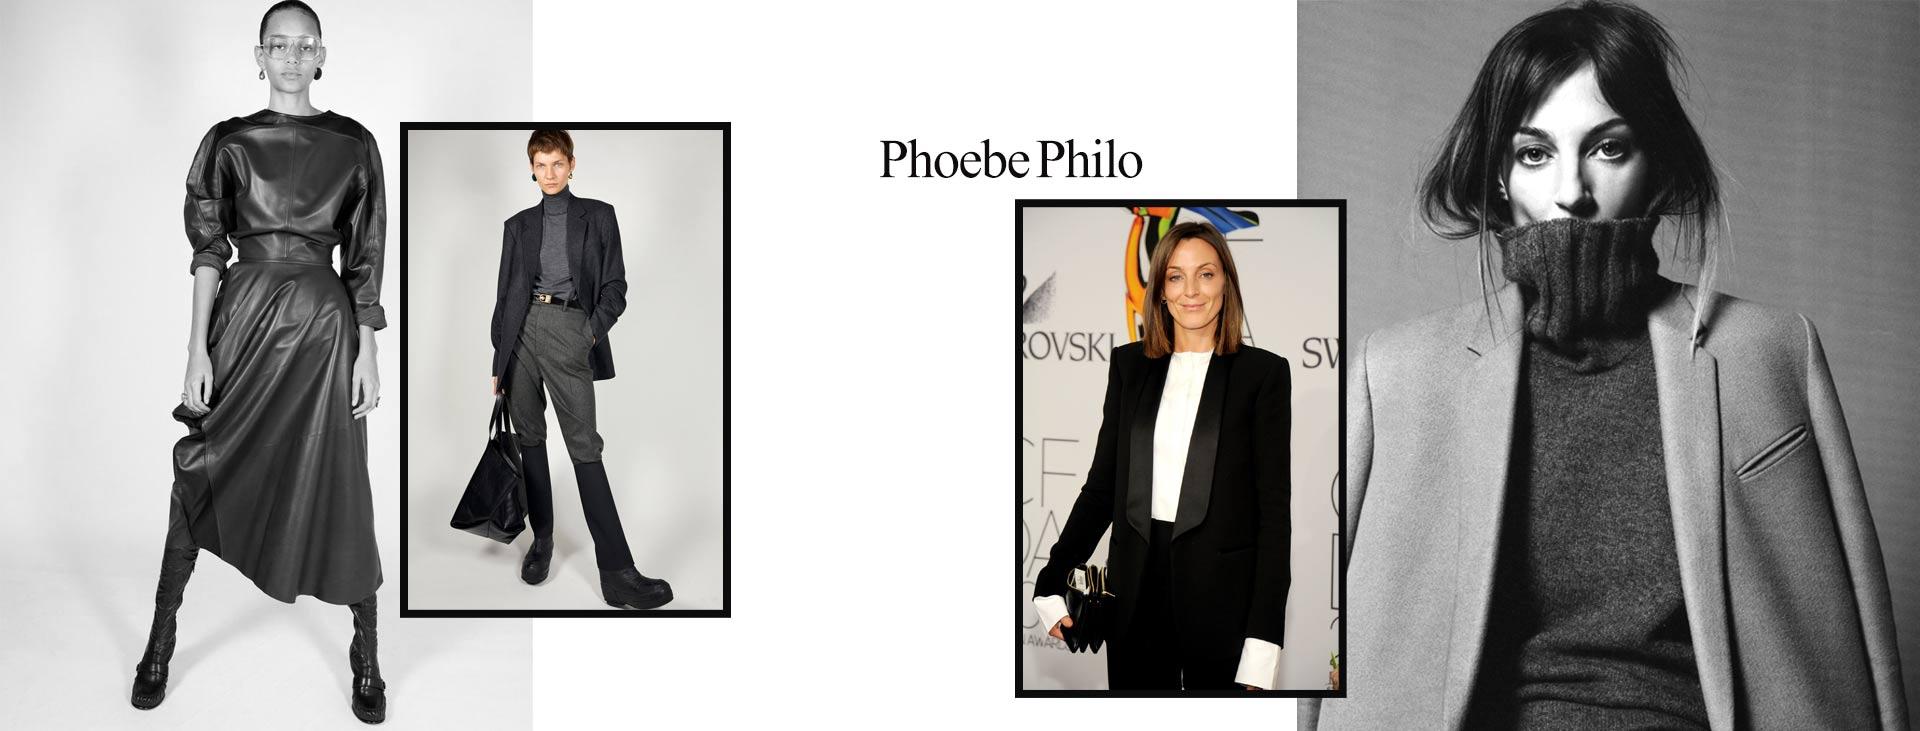 Phoebe Philo 1 - زنان پیشگام در صنعت مد